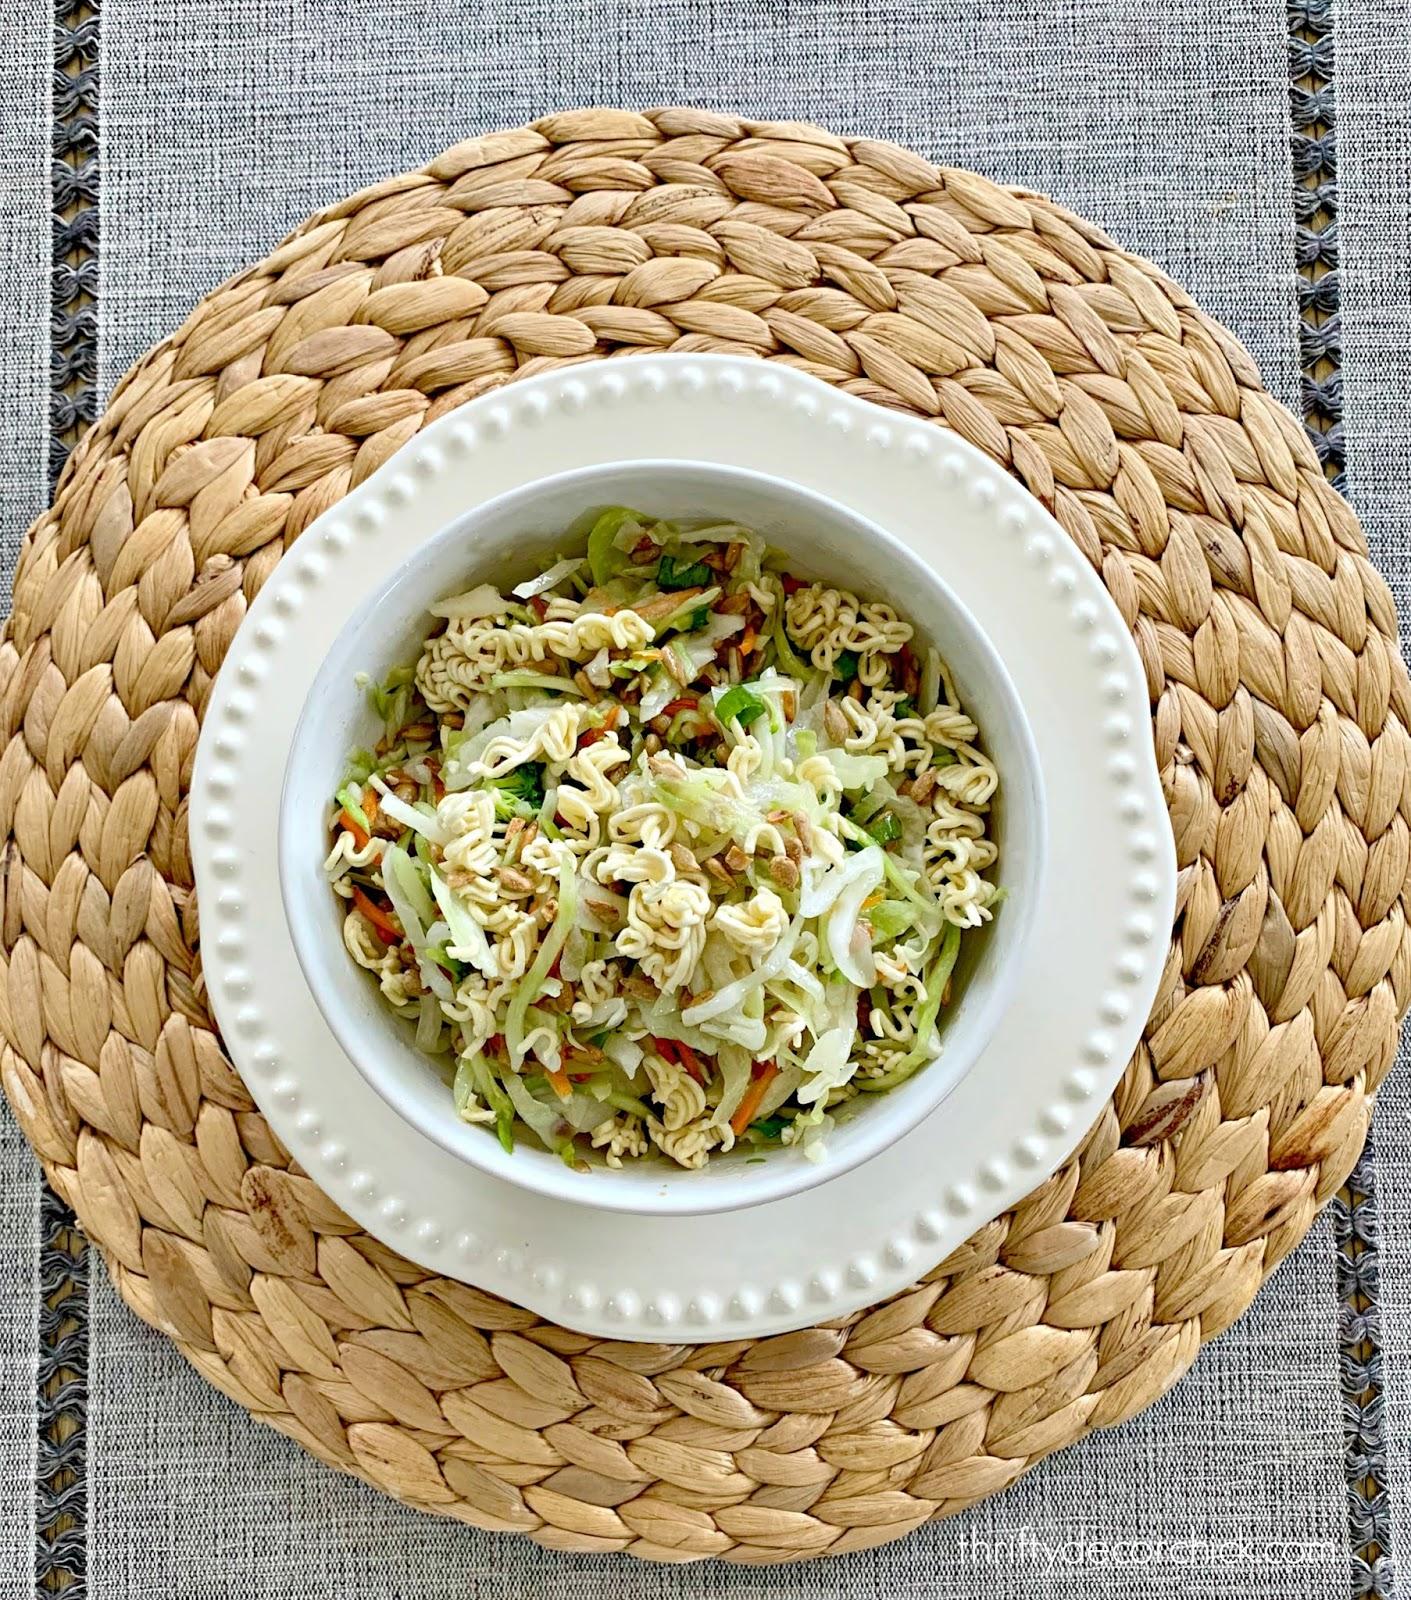 Delicious ramen slaw salad